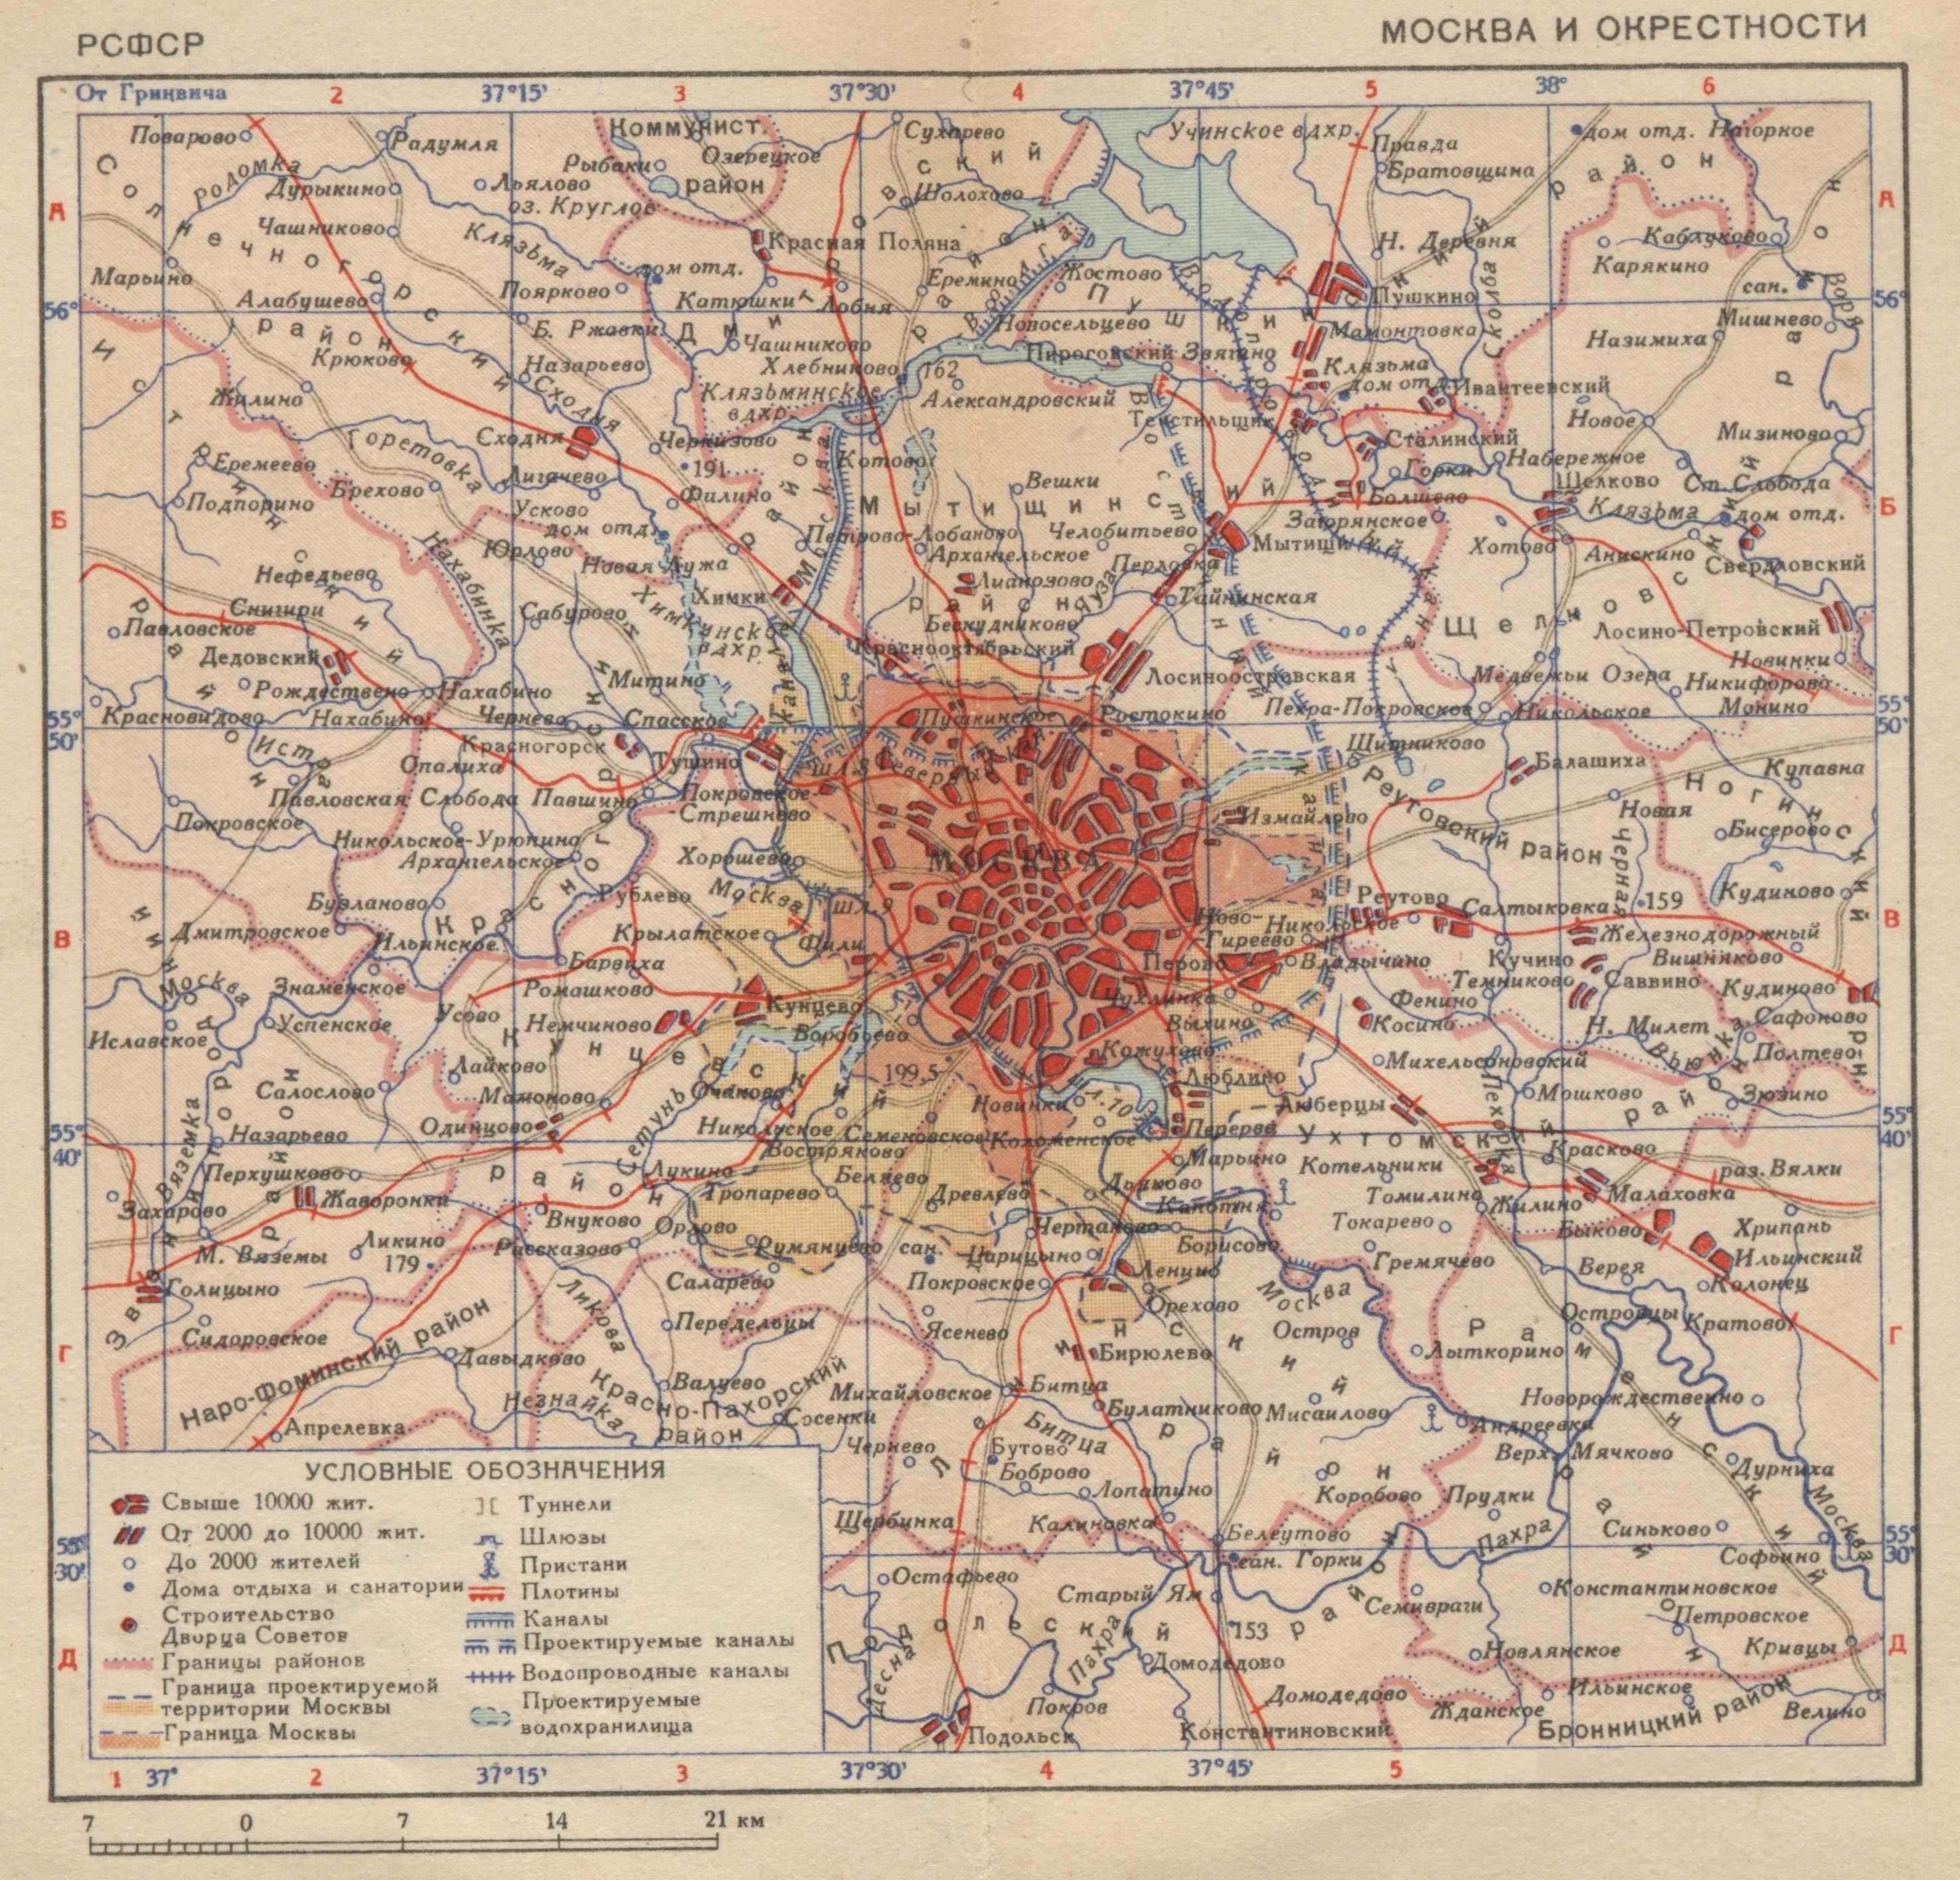 Москва и окрестности 1939 год масштаб 1